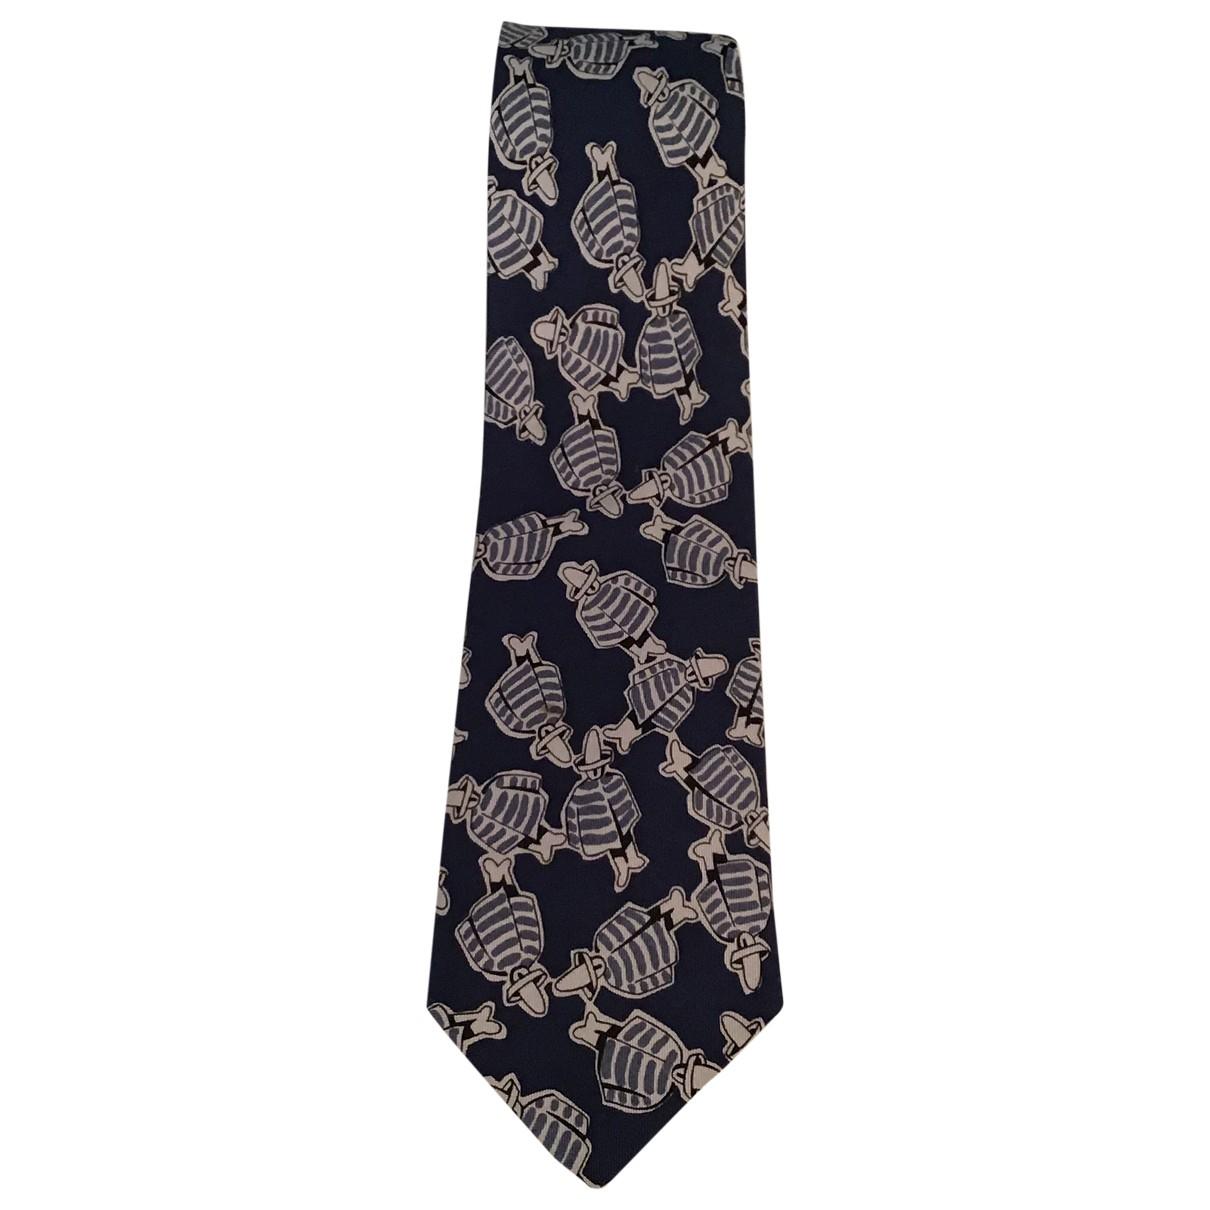 Emporio Armani - Cravates   pour homme en soie - noir